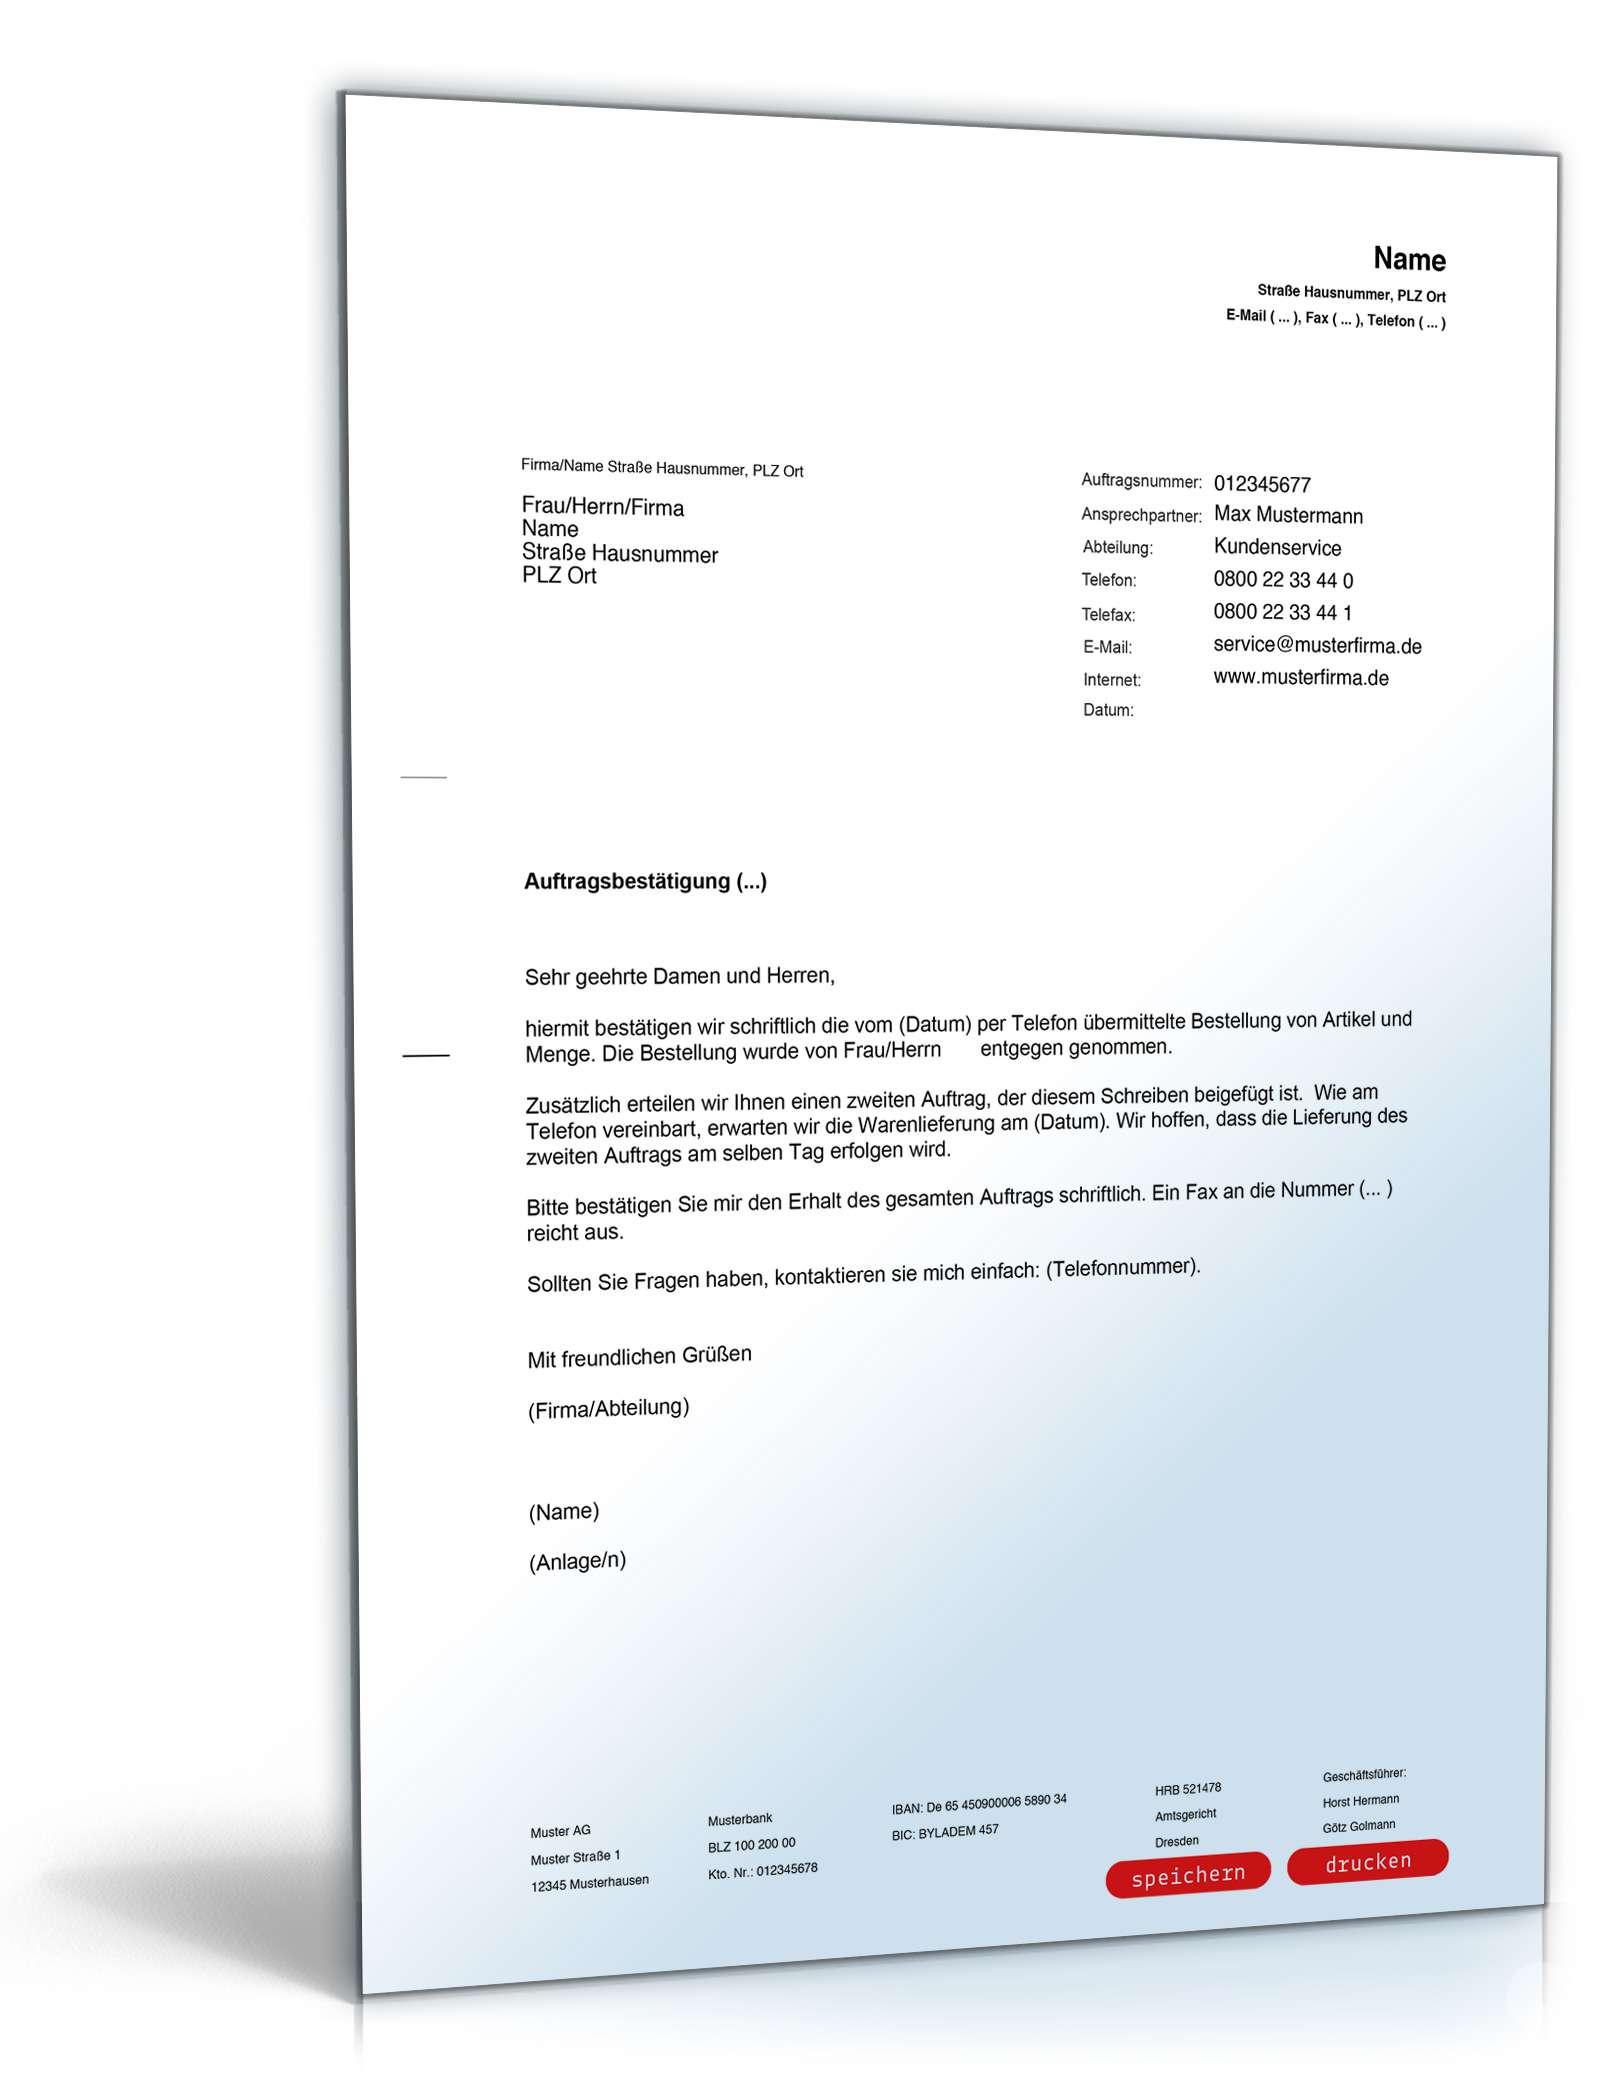 Bestätigung telefonischer Auftrag | Vorlage zum Download